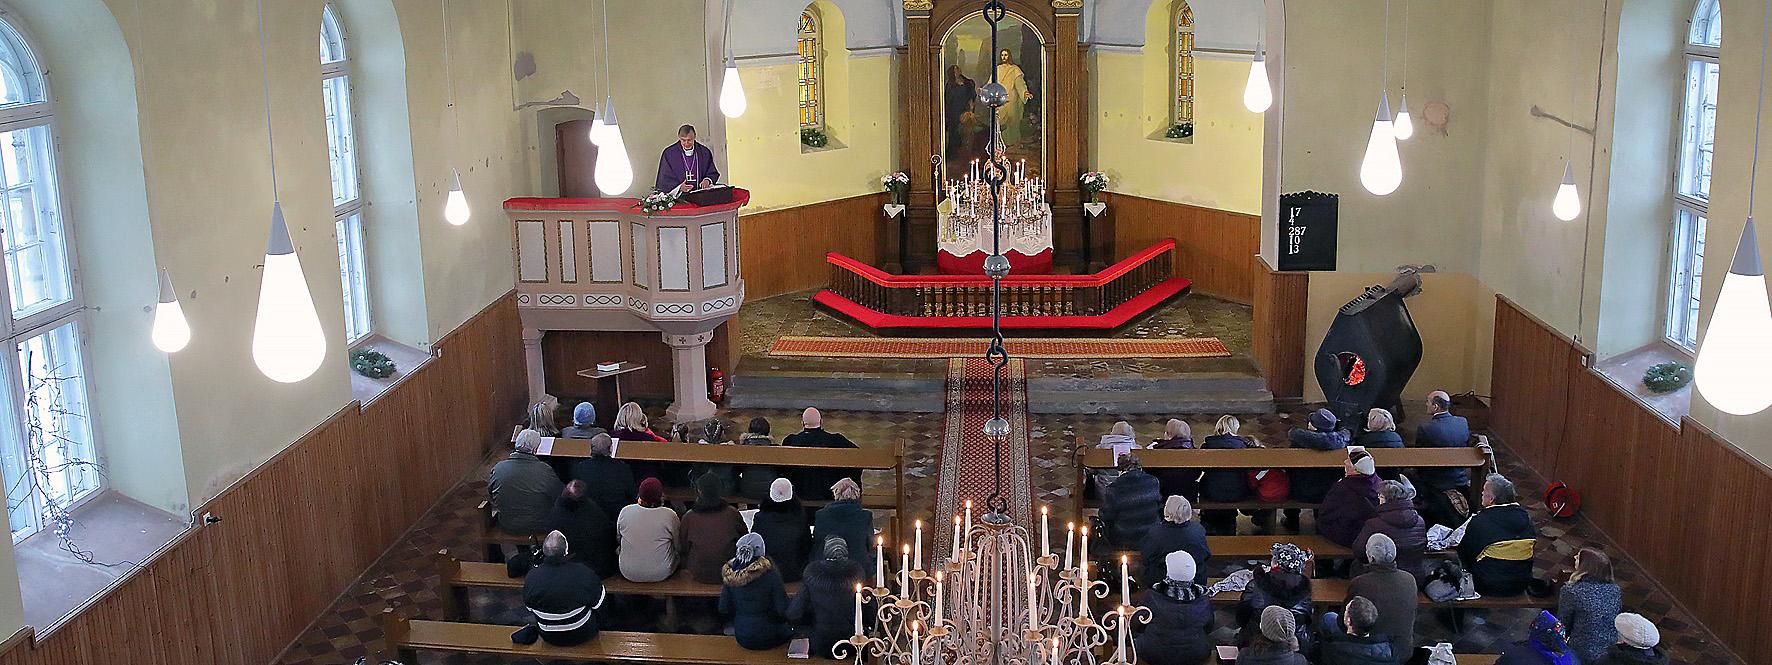 Latvijas Evaņģēliski Luteriskā Baznīca